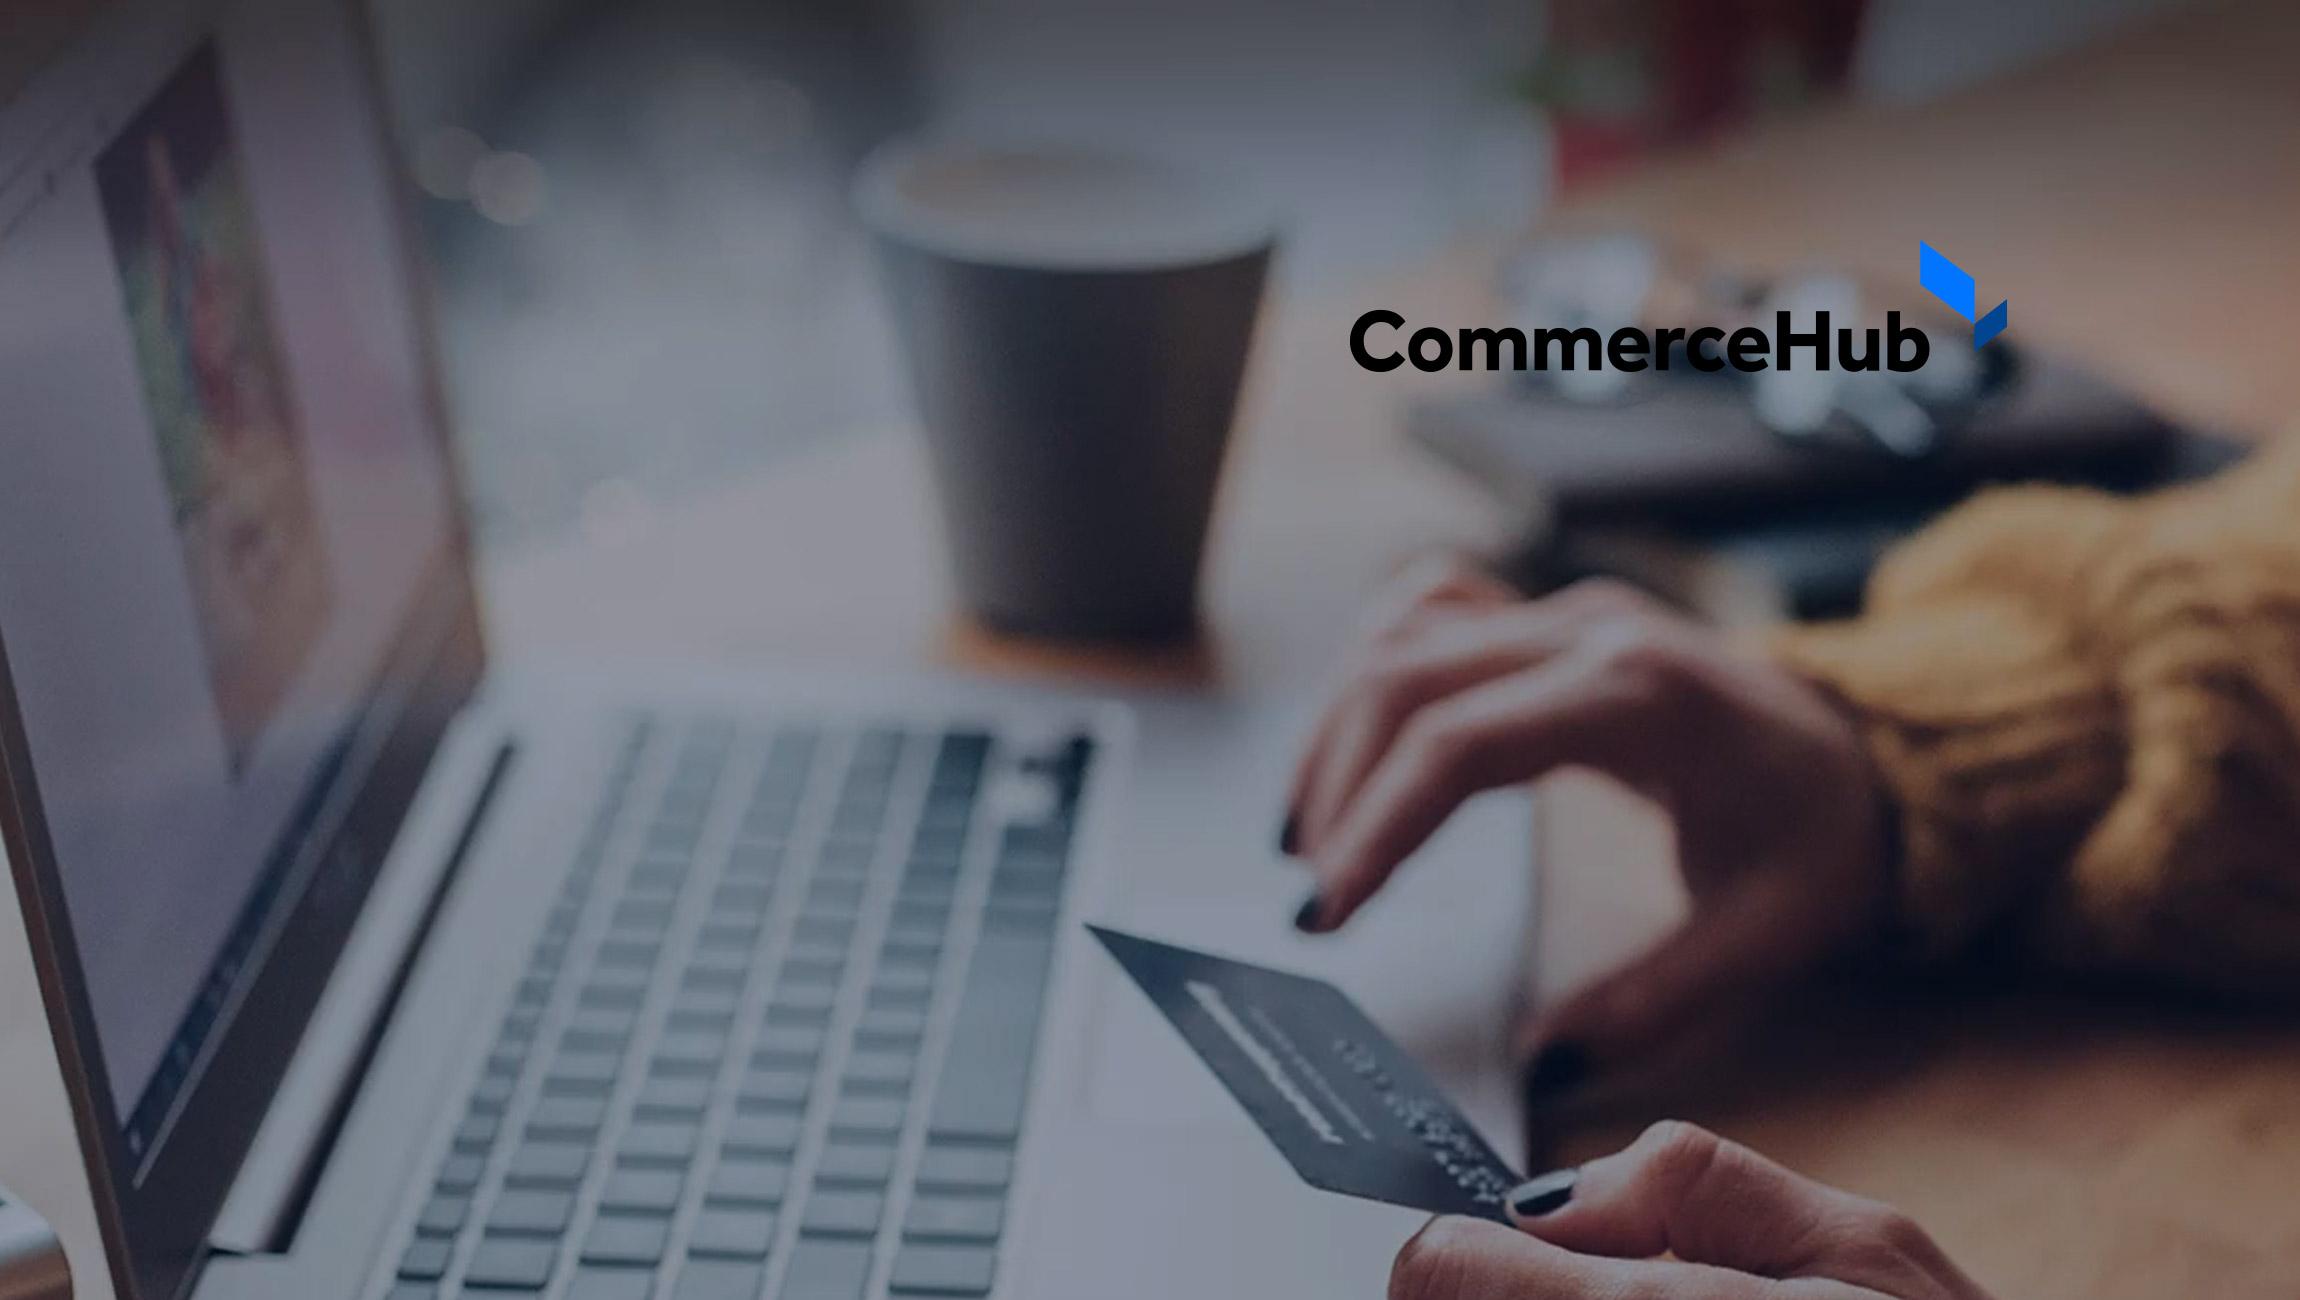 commercehub